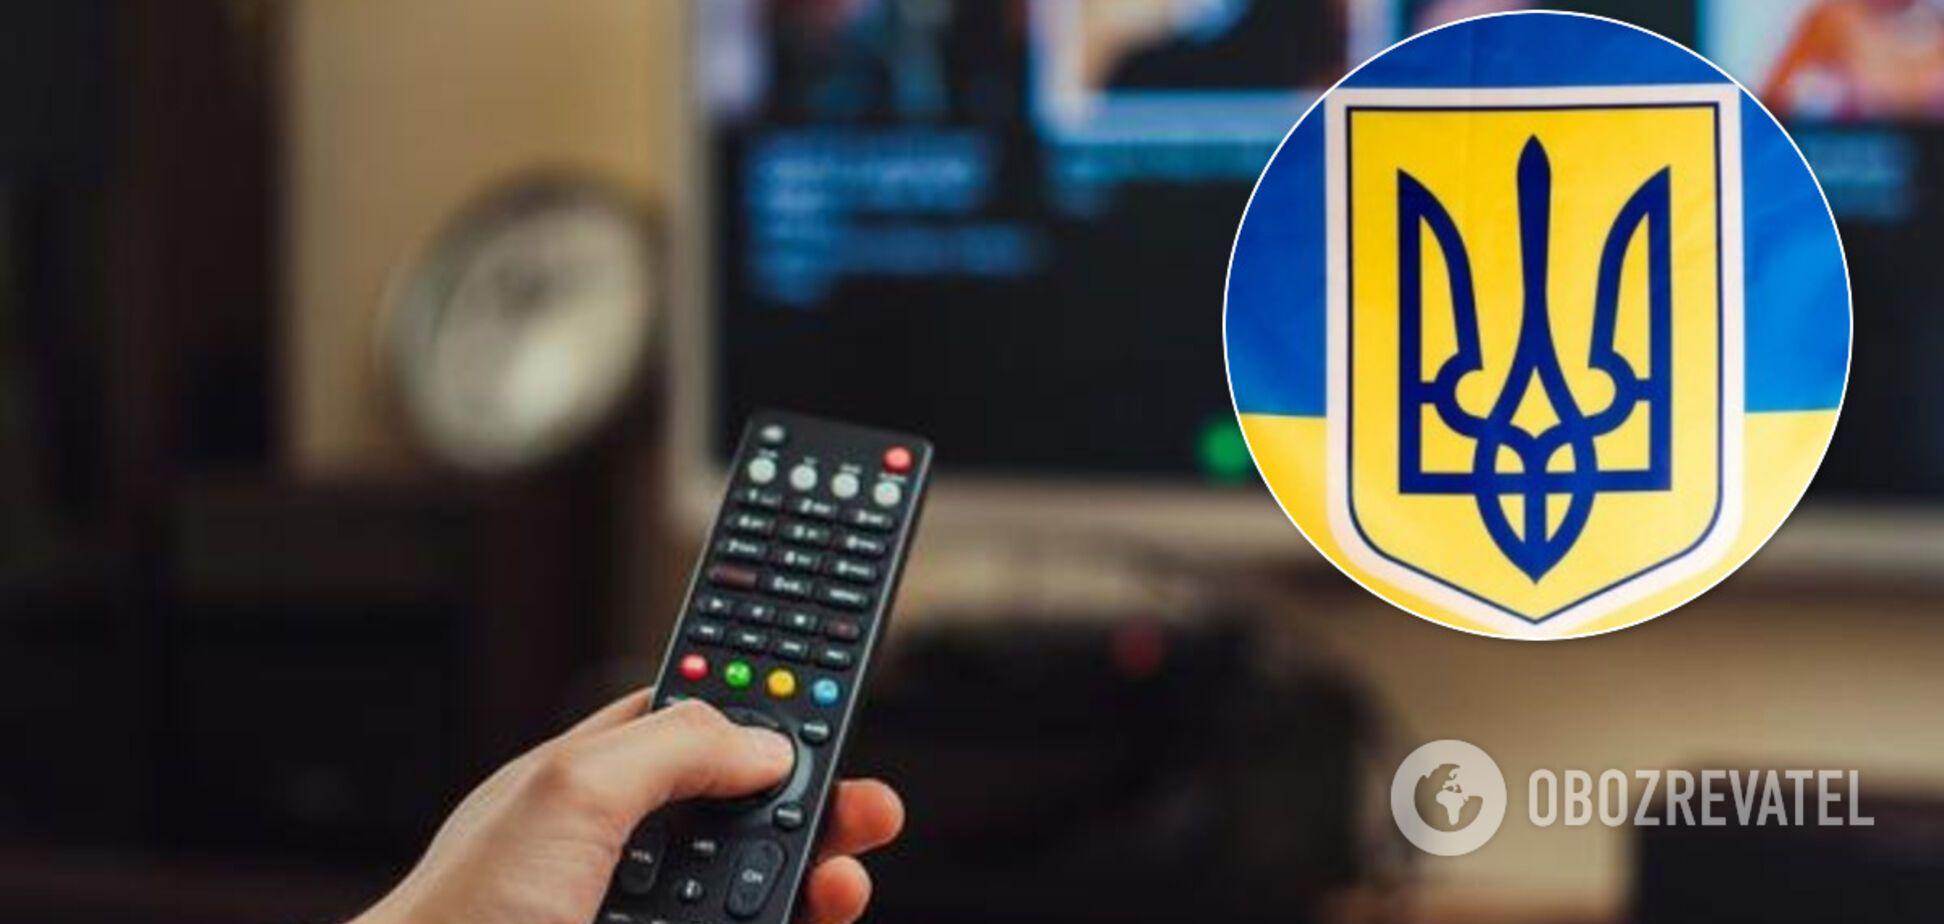 В Україні запускають безкоштовне ТБ: список каналів